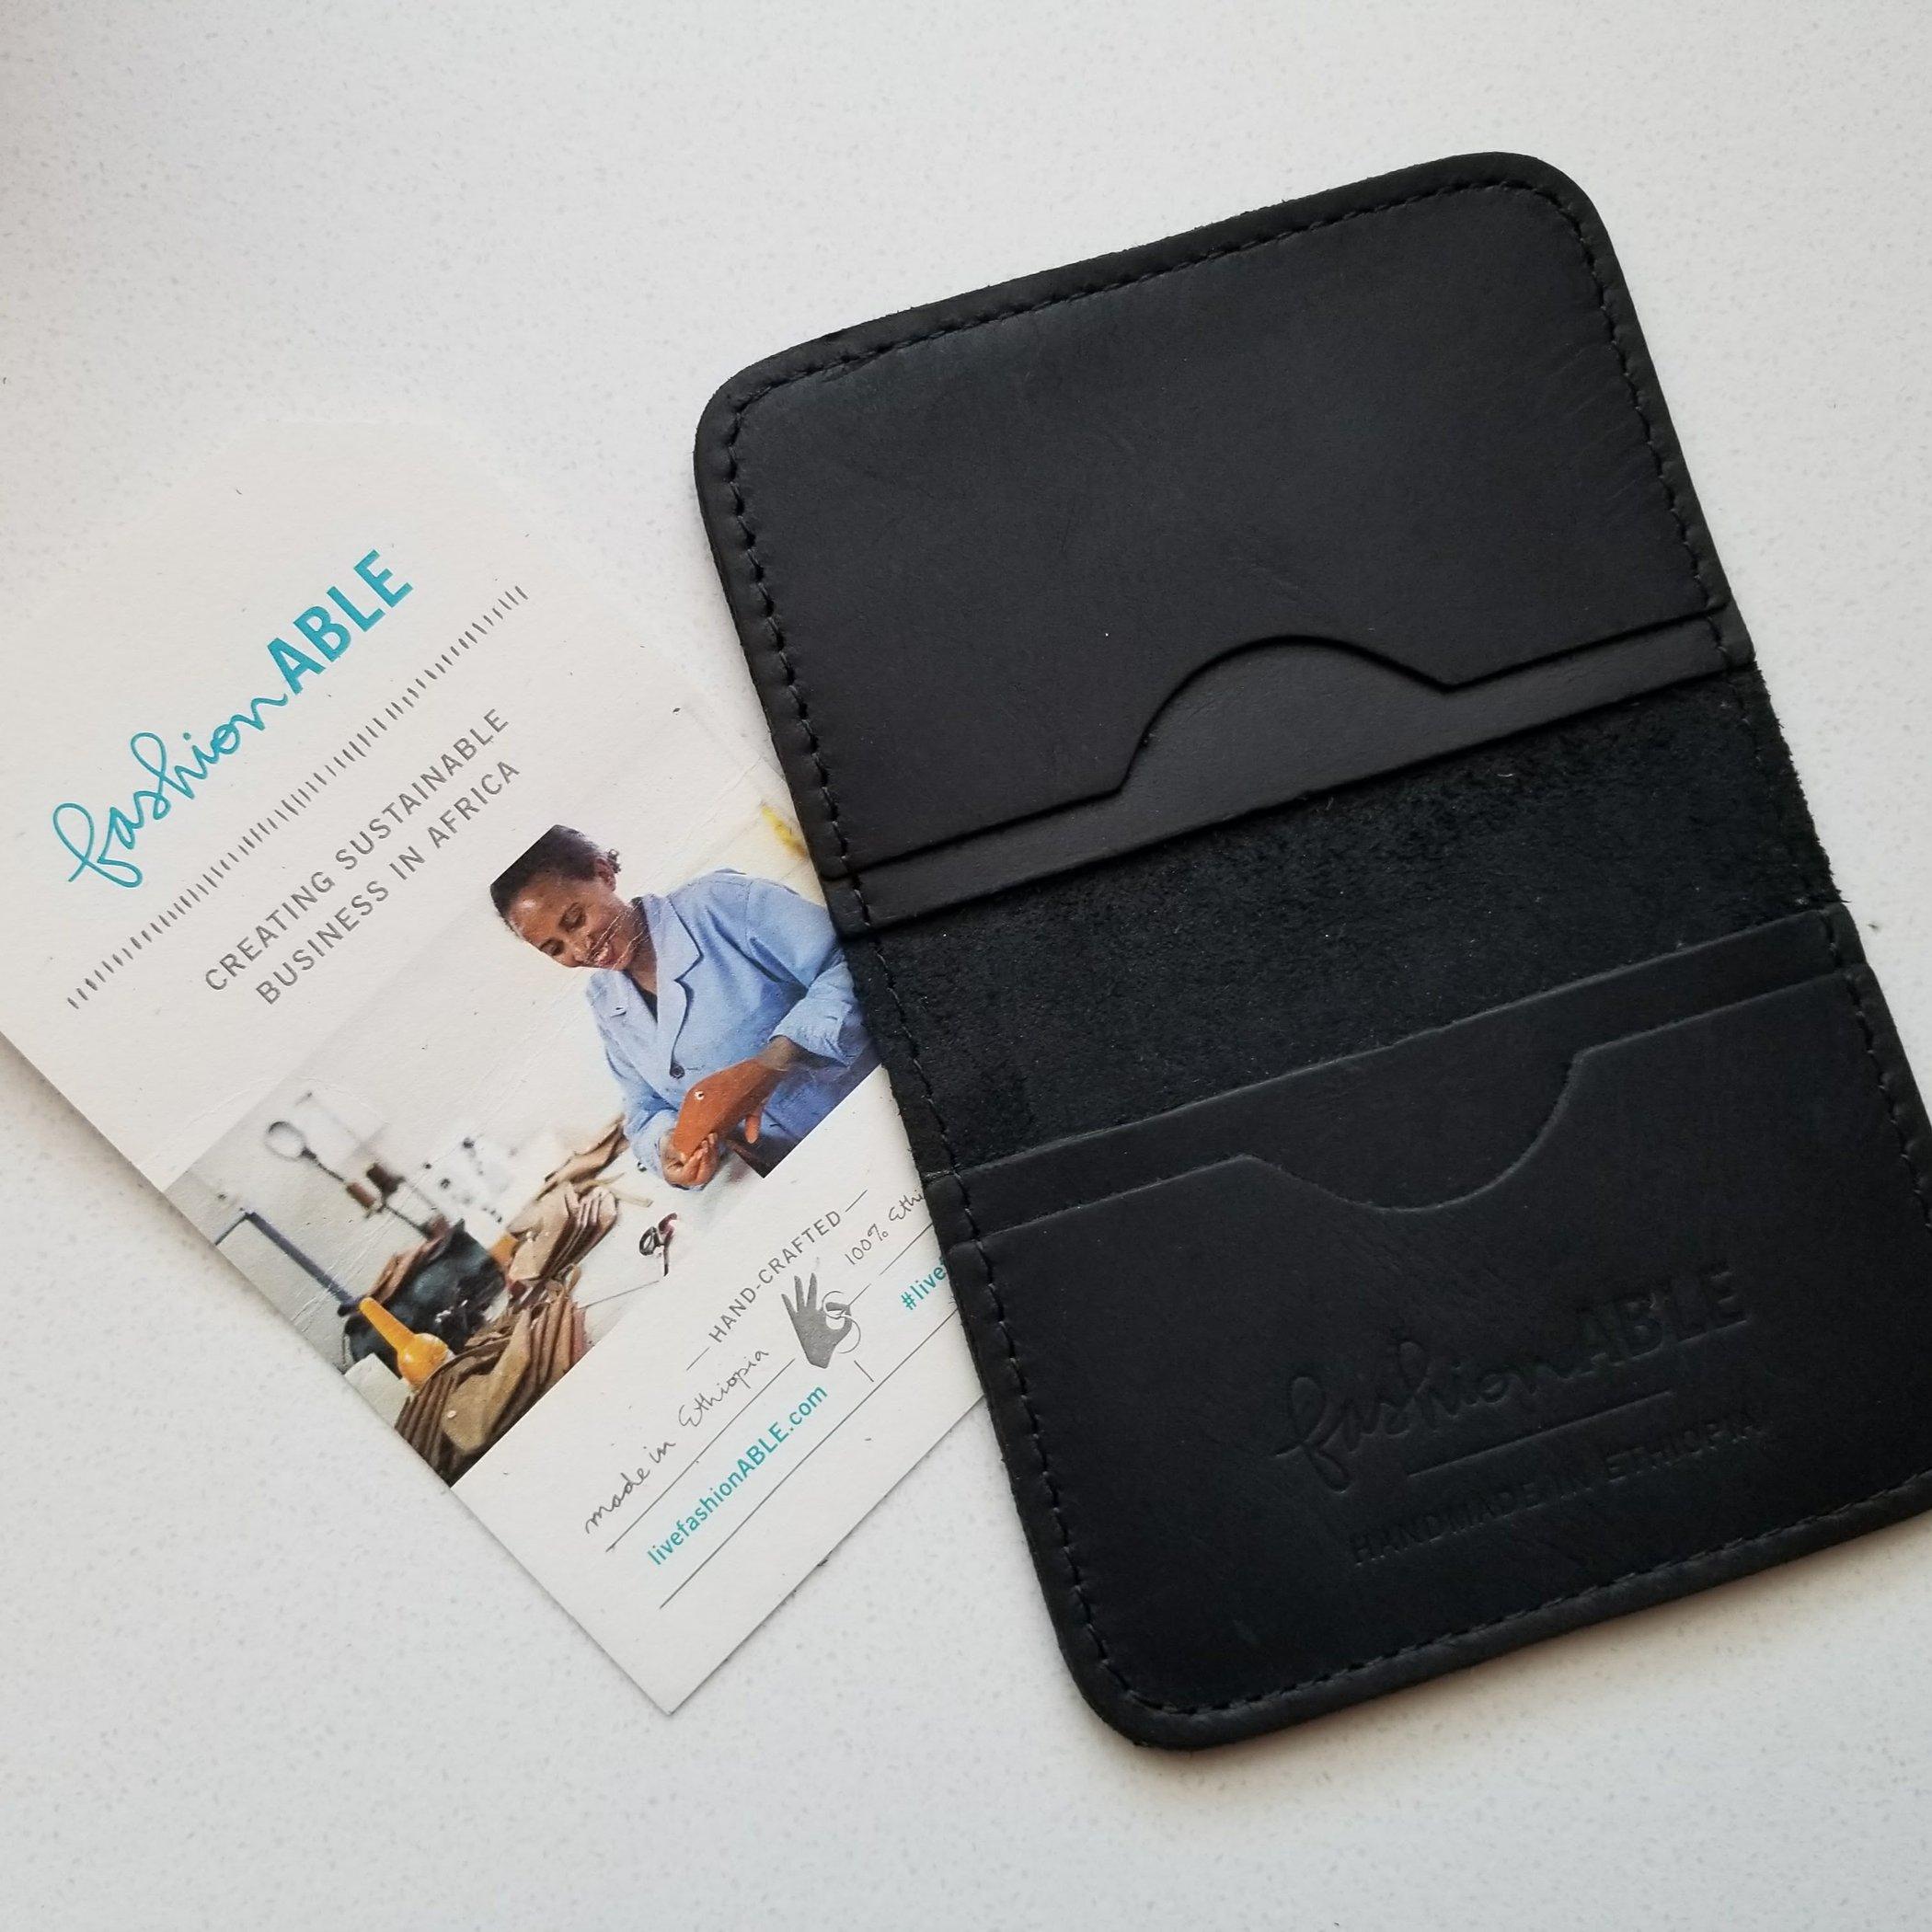 Fair Trade Kalkidan Wallet in Black | Kind Gift Guide For Him akindjourney.com